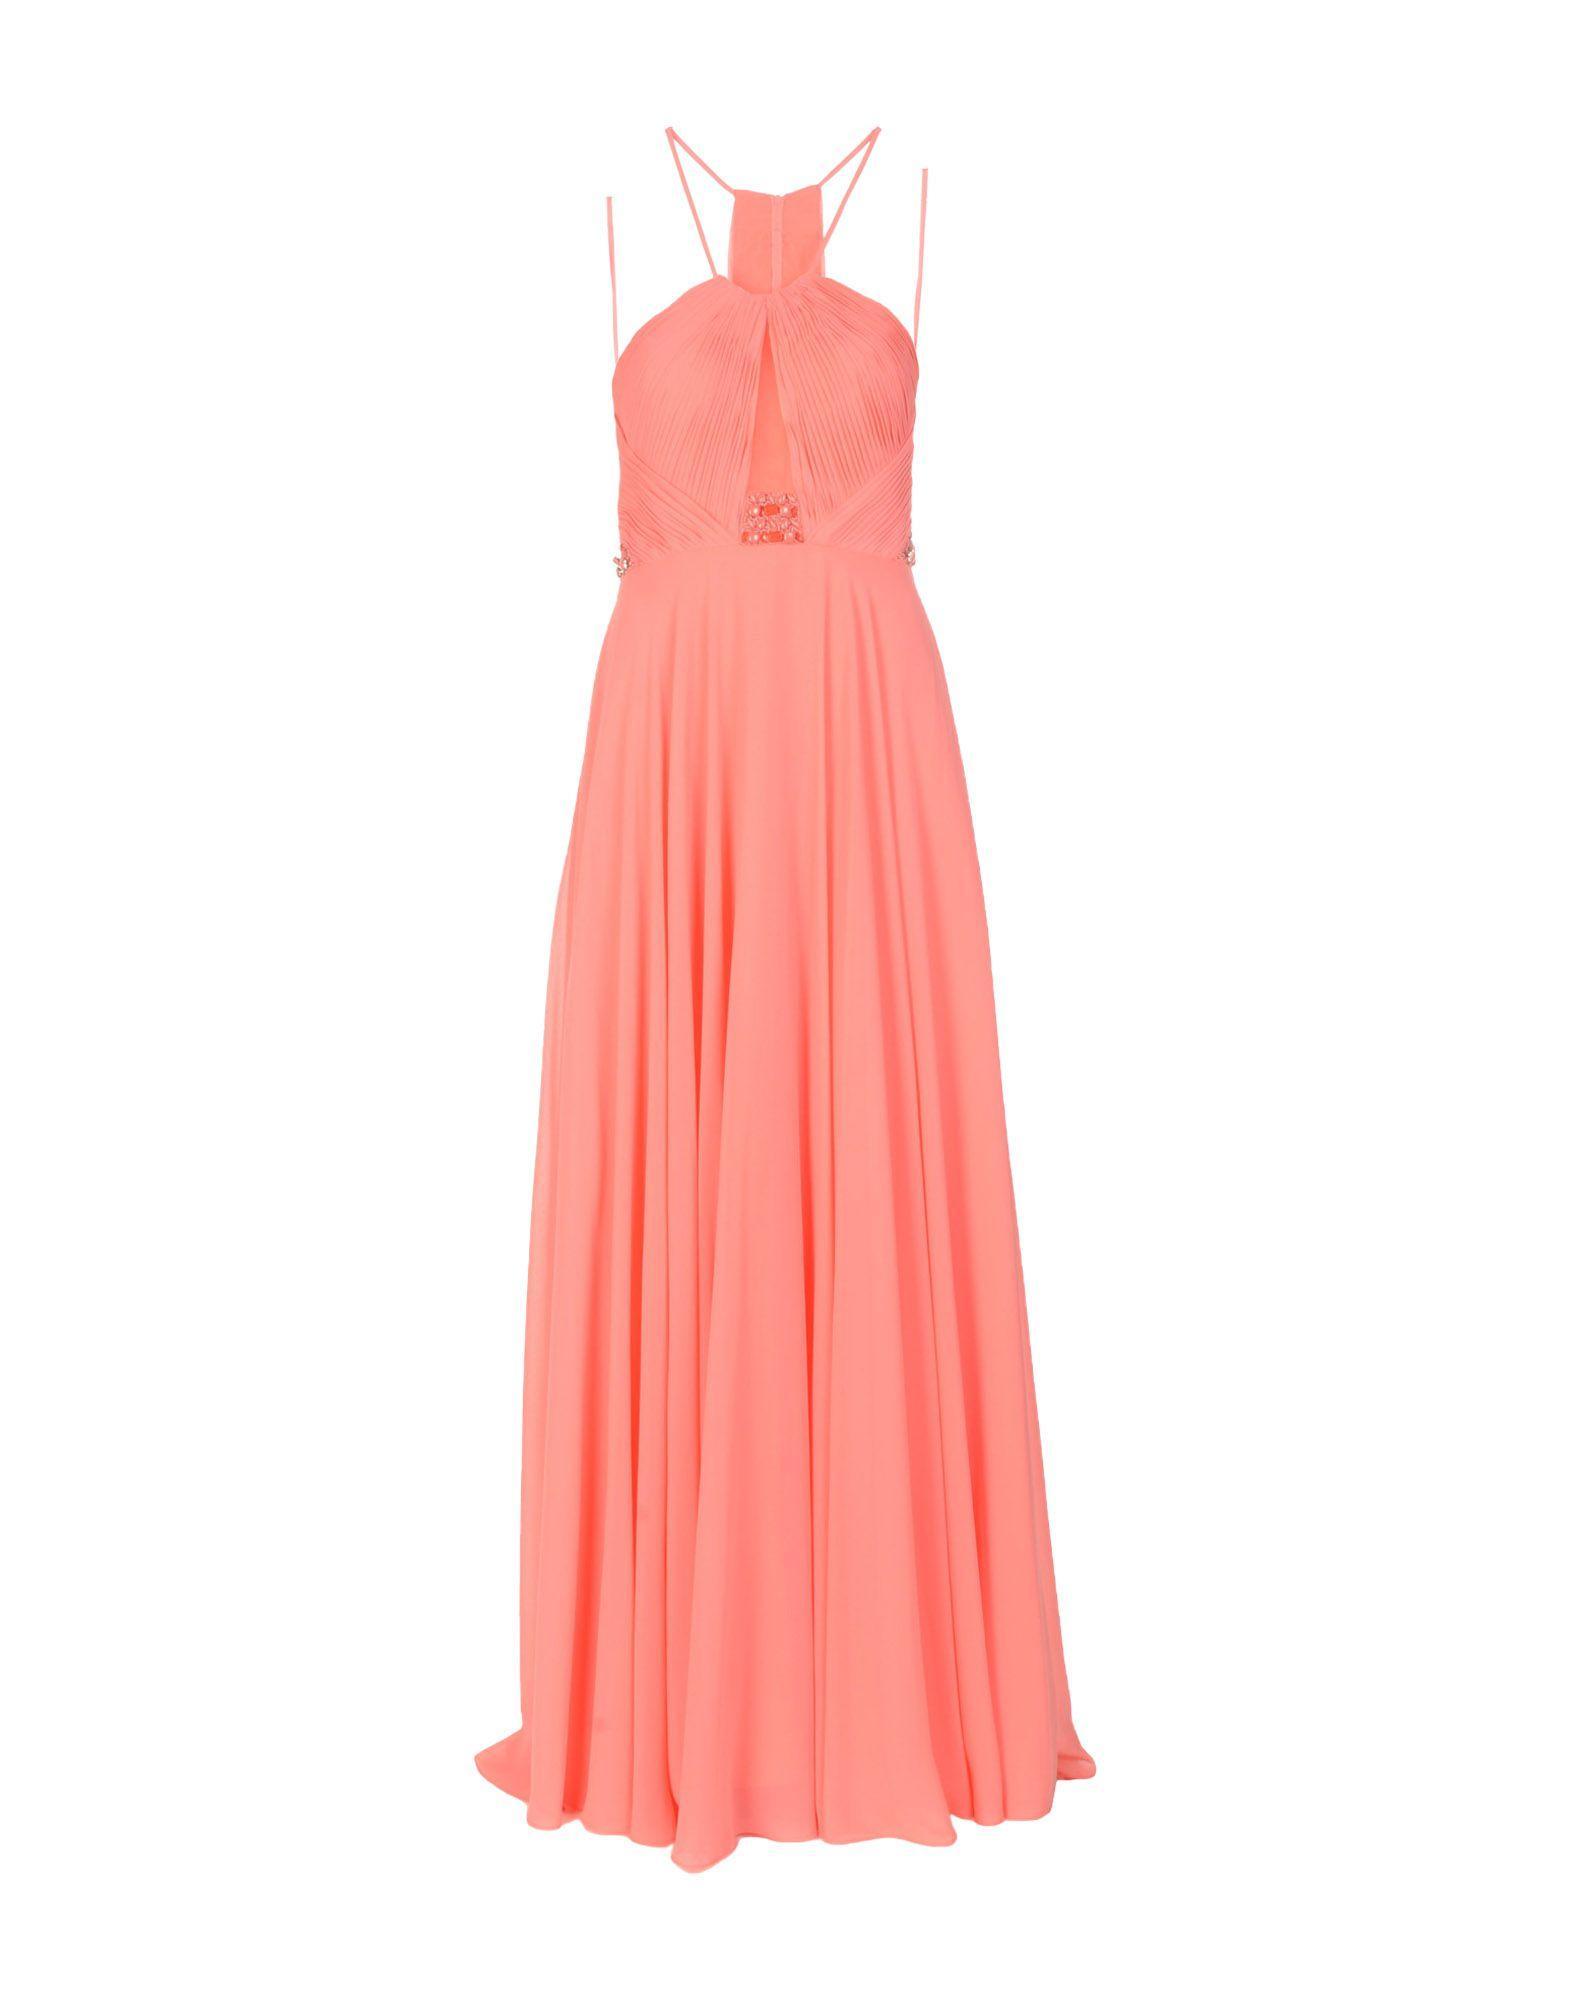 1549693bbe70 Forever More Dresses - raveitsafe